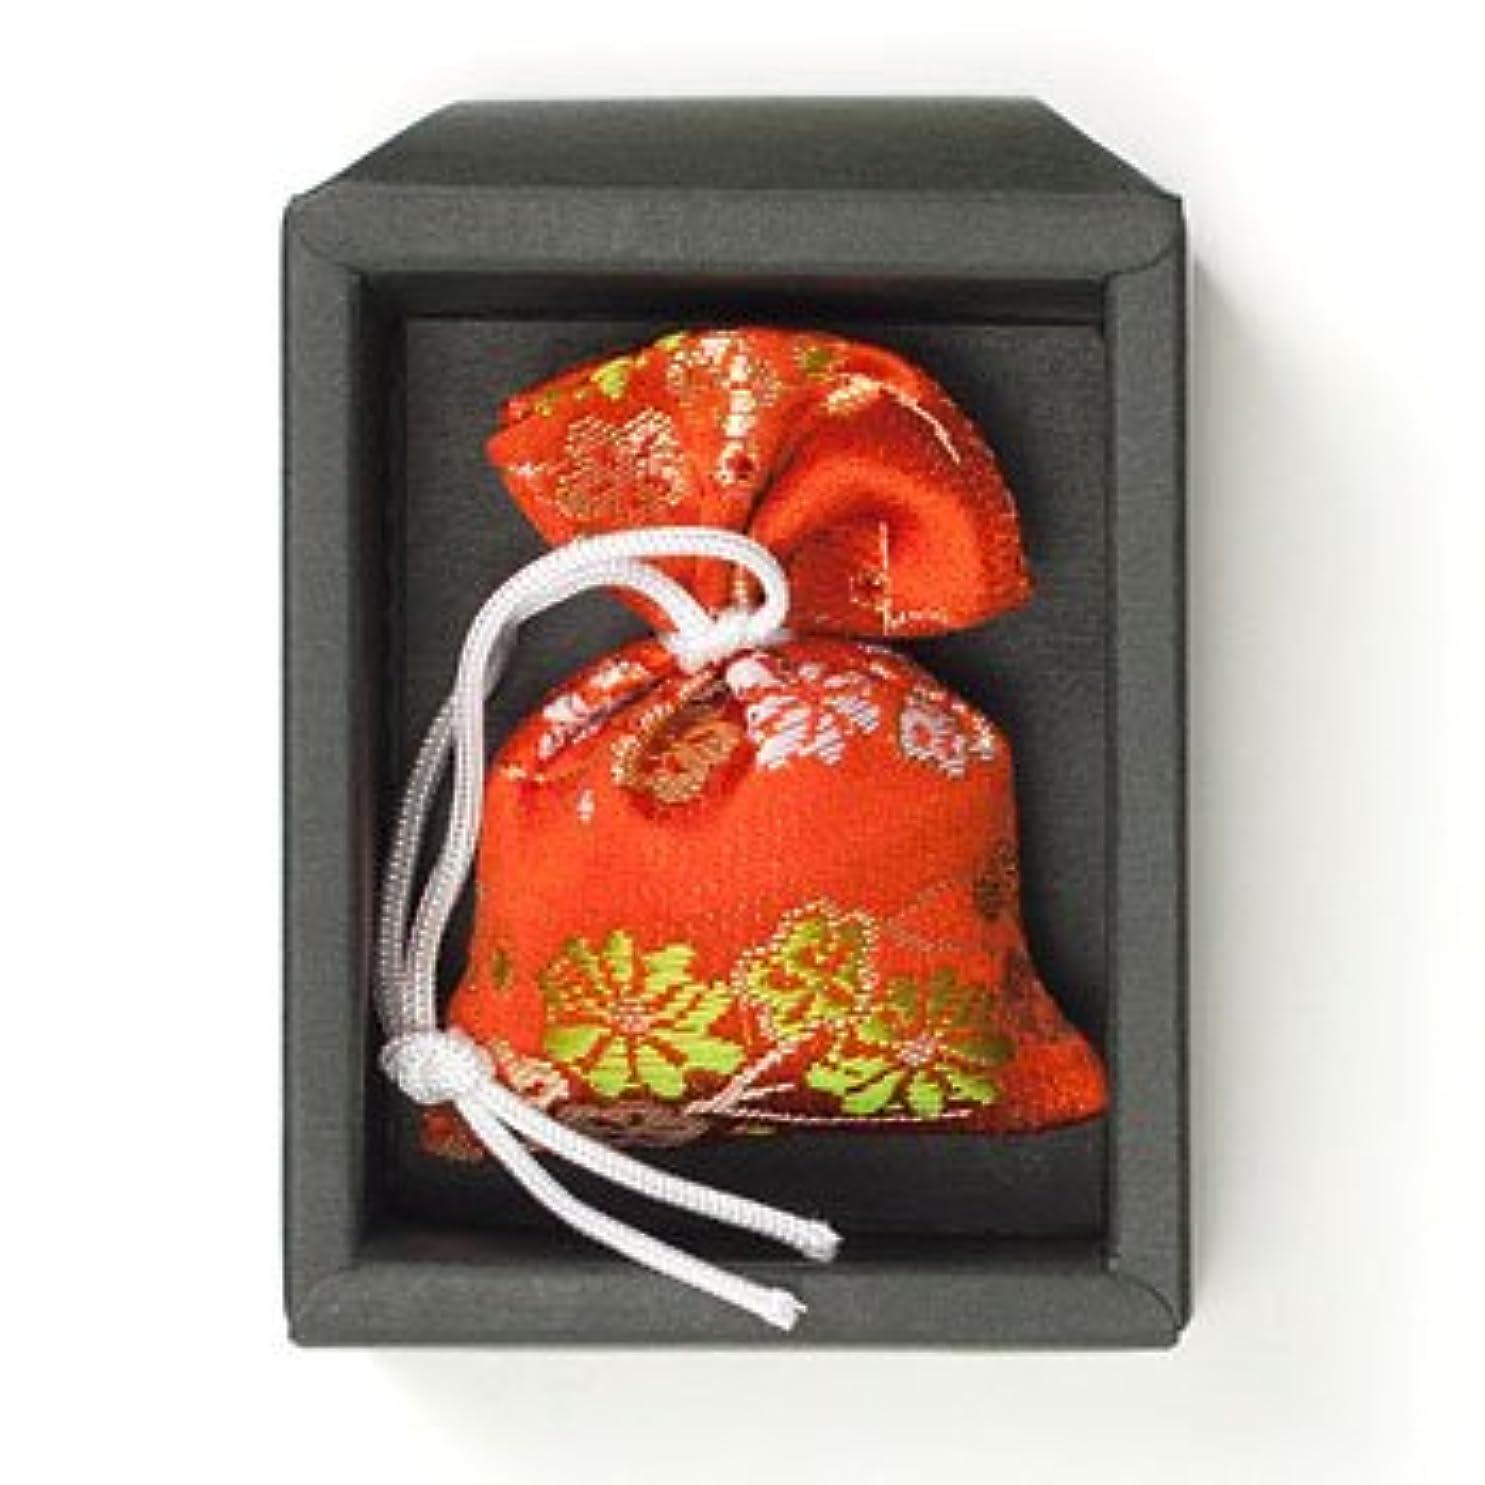 ビルダードライ俳句匂い袋 誰が袖 極品 1個入 松栄堂 Shoyeido 本体長さ60mm (色?柄は選べません)